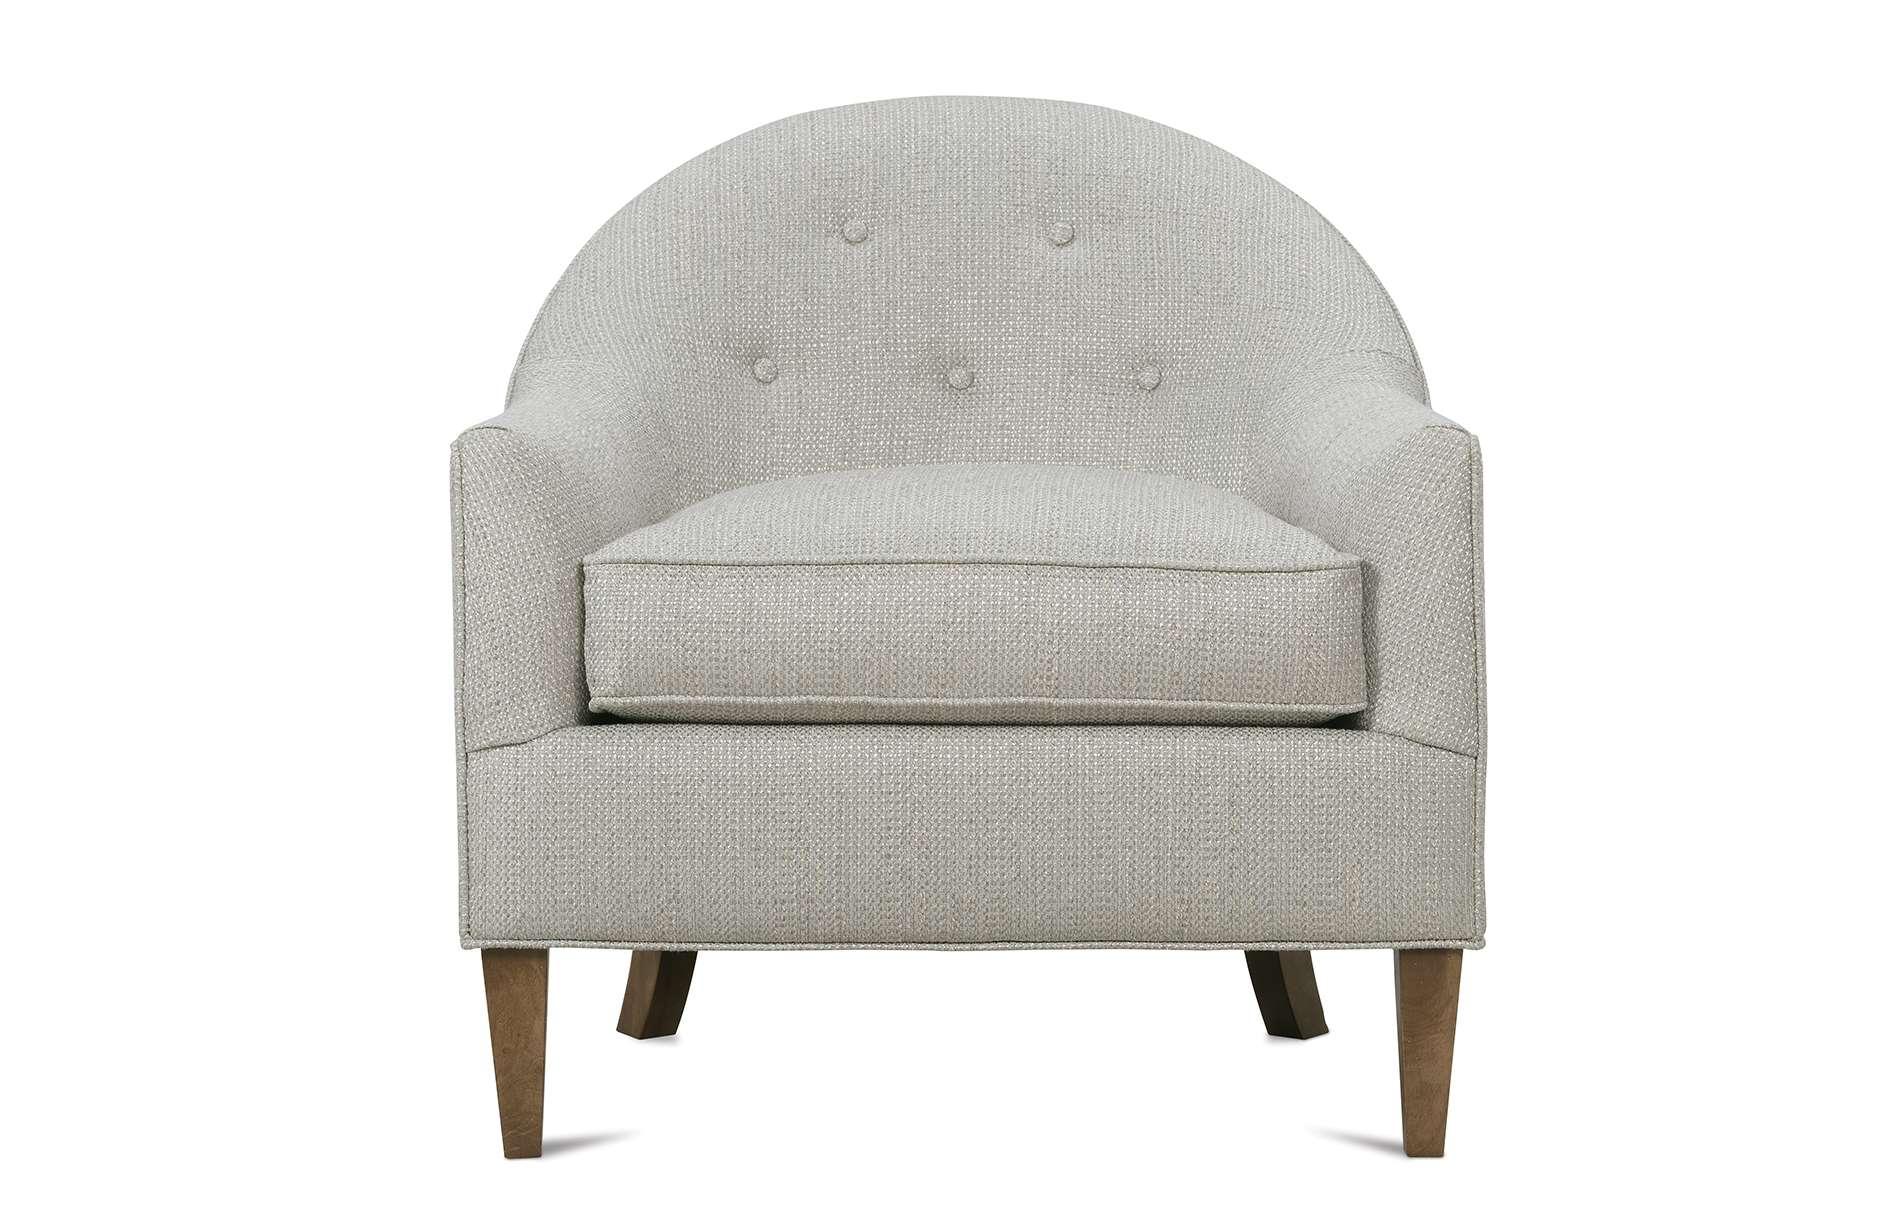 Rowe Phoebe Chair